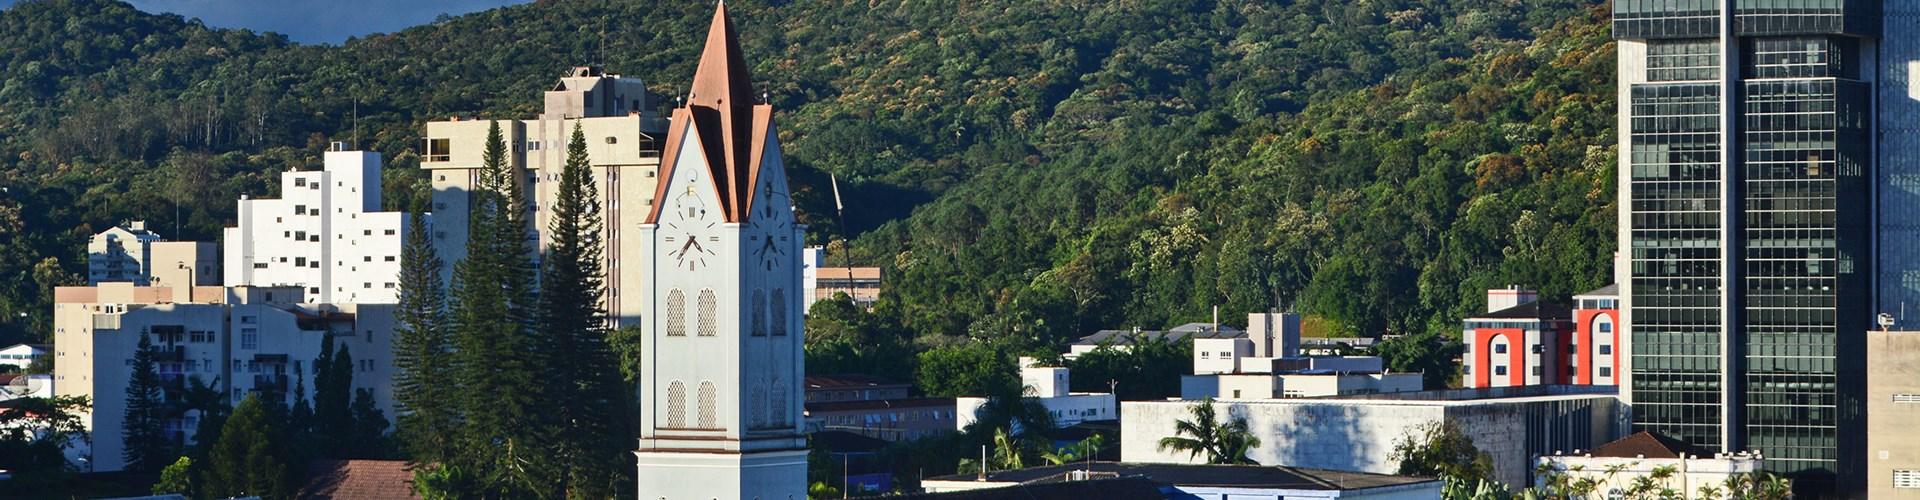 Cidade de Joinville